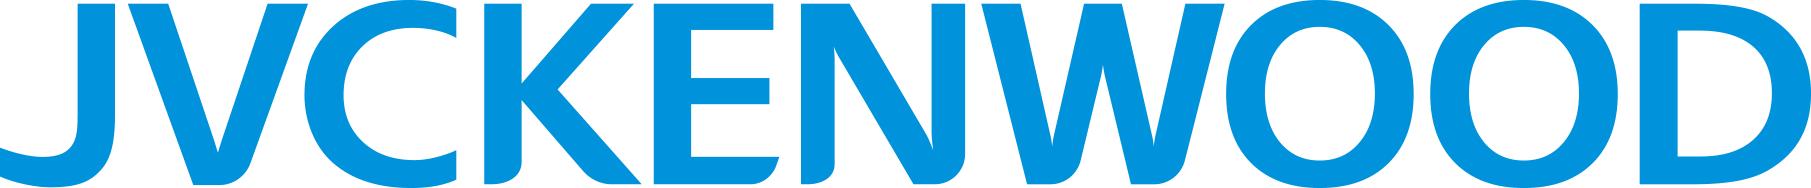 JVC Kenwood icon.